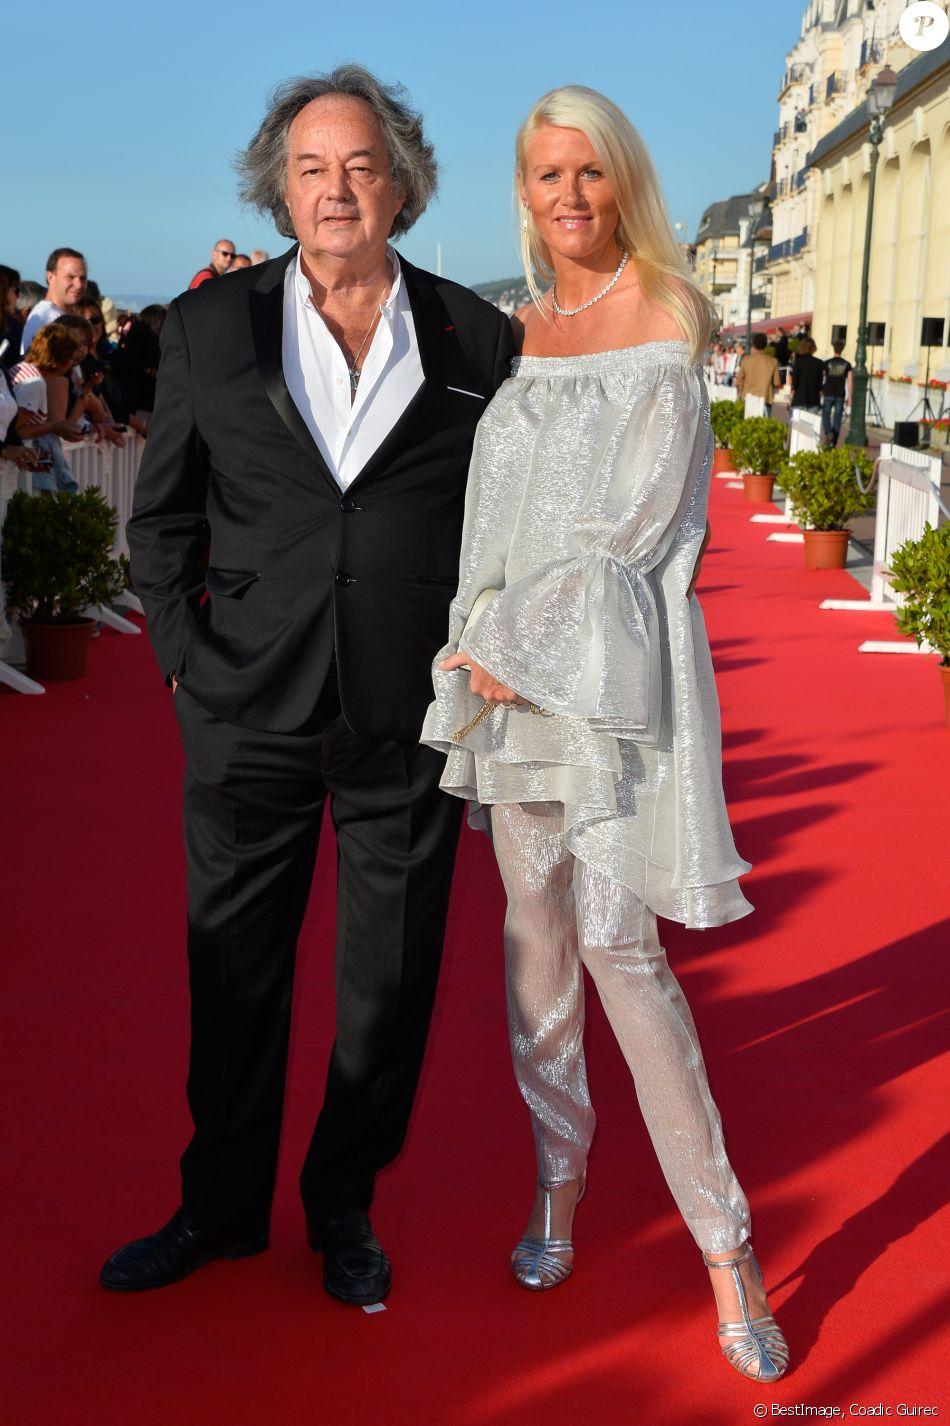 Gonzague Saint Bris et sa compagne Alice Bertheaume lors du 31e Festival du film romantique de Cabourg le 16 juin 2017. L'écrivain a trouvé la mort dans un accident de la route dans la nuit du 7 au 8 août 2017 ; Alice, qui était au volant, a survécu. © Coadic Guirec/Bestimage